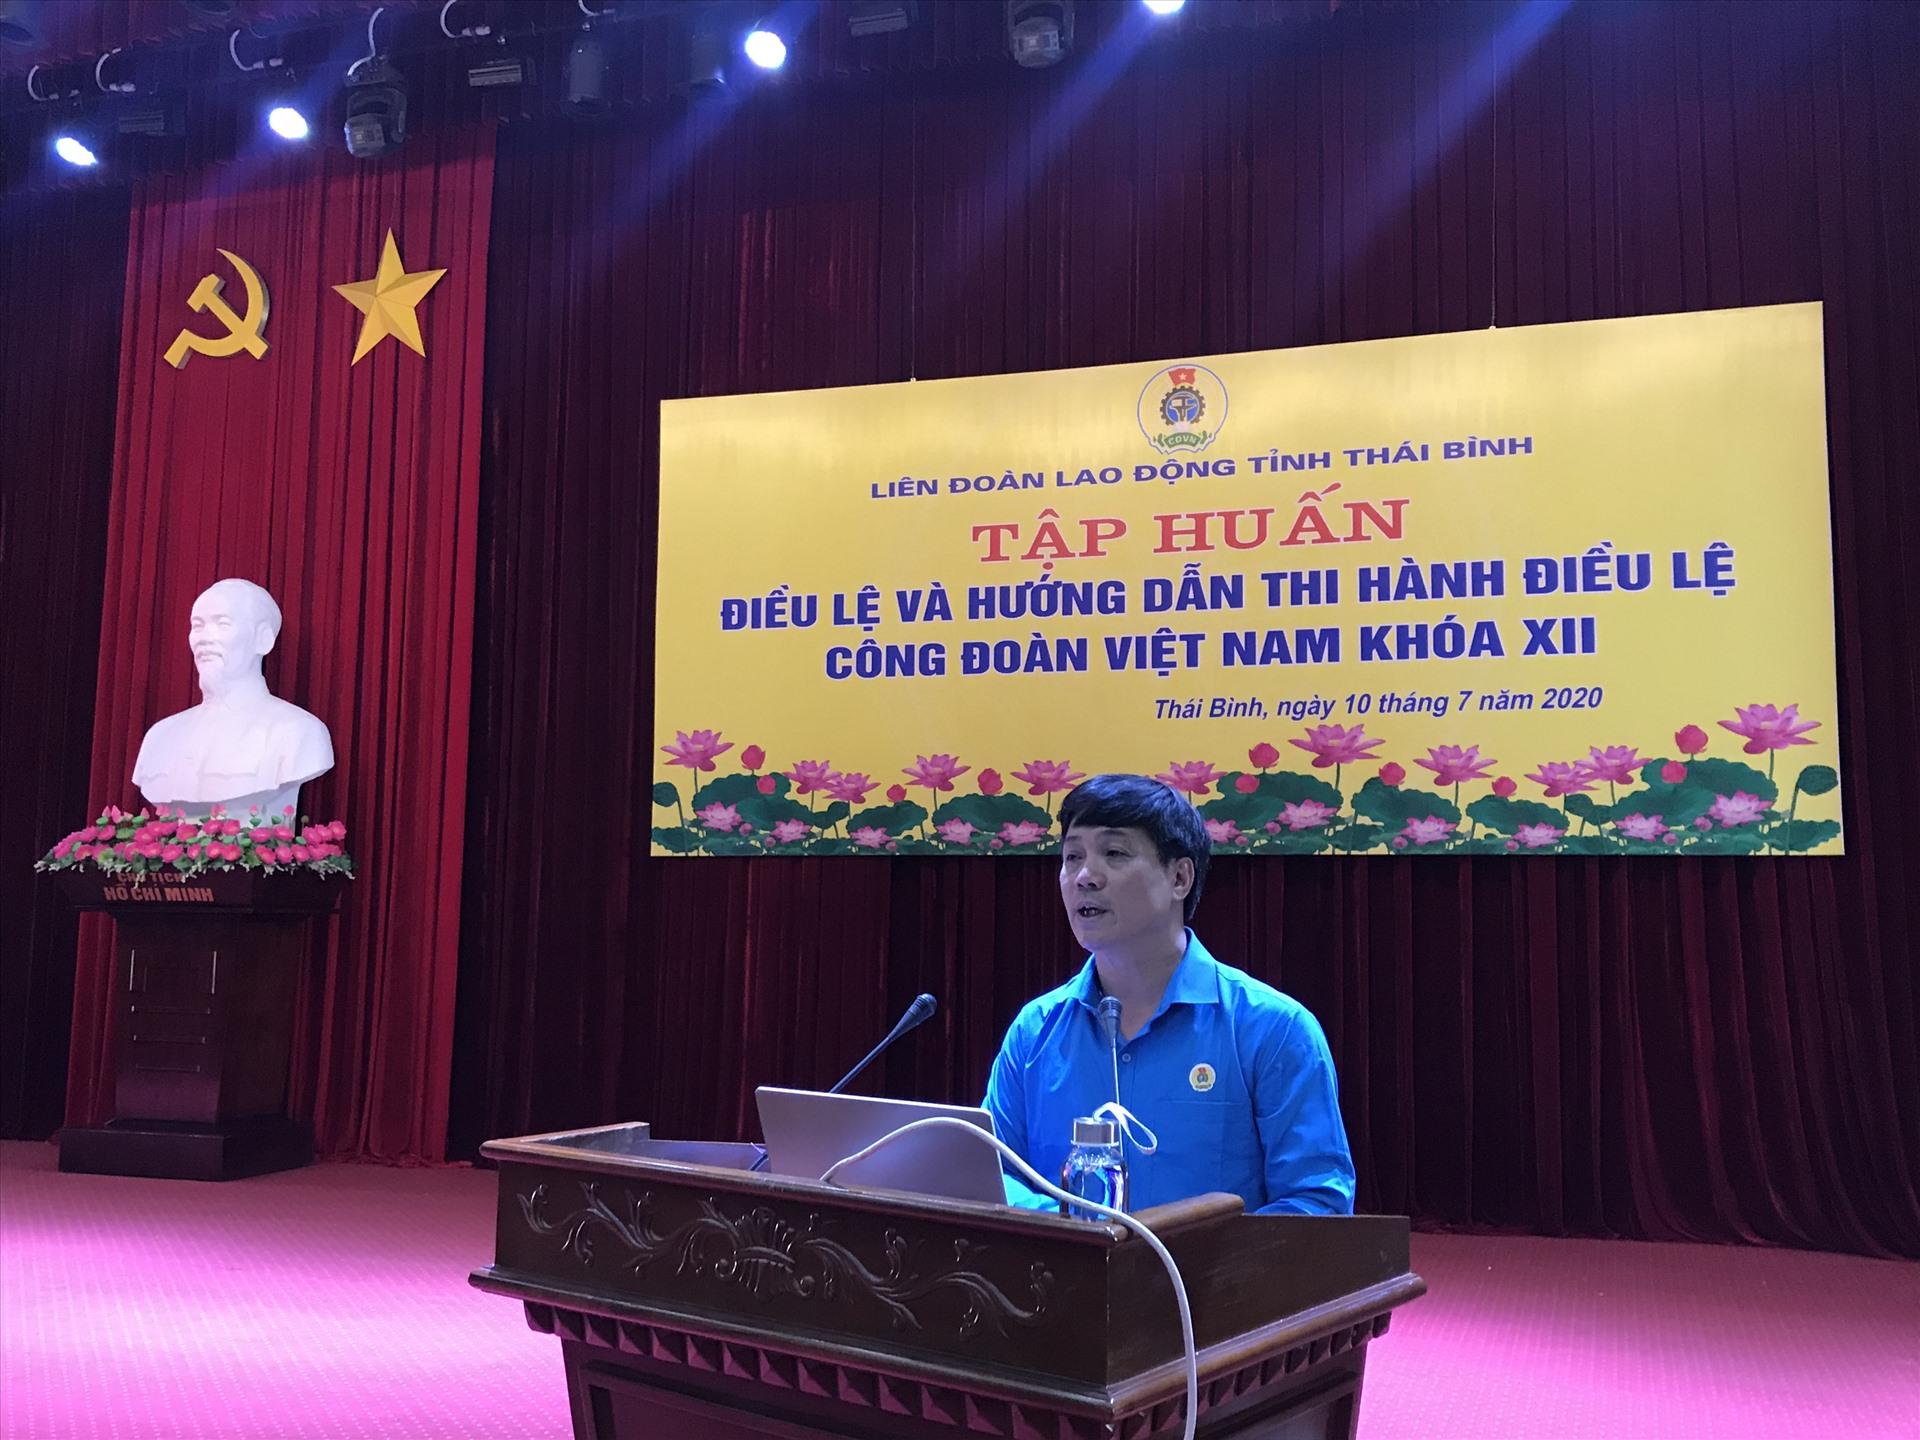 Đồng chí Nguyễn Duy Vũ – Phó Ban tổ chức Tổng liên đoàn Lao động Việt Nam hướng dẫn thi hành Điều lệ Công đoàn Việt Nam khóa XII. Ảnh: Bá Mạnh